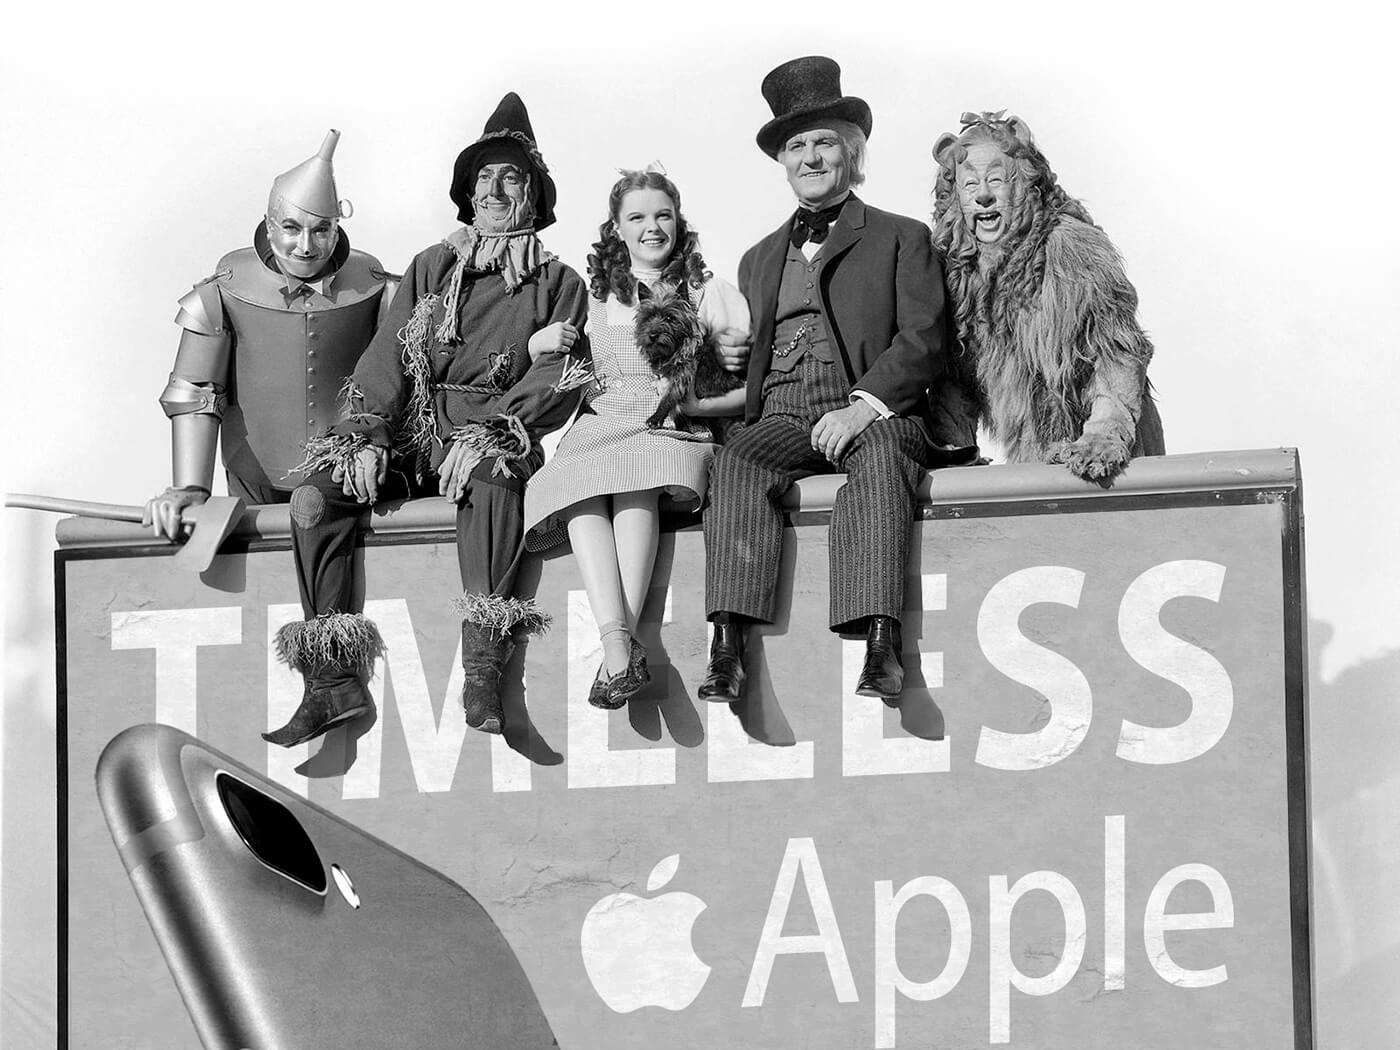 Фанат Apple добавил iPhone и другие продукты компании в кадры из классических фильмов